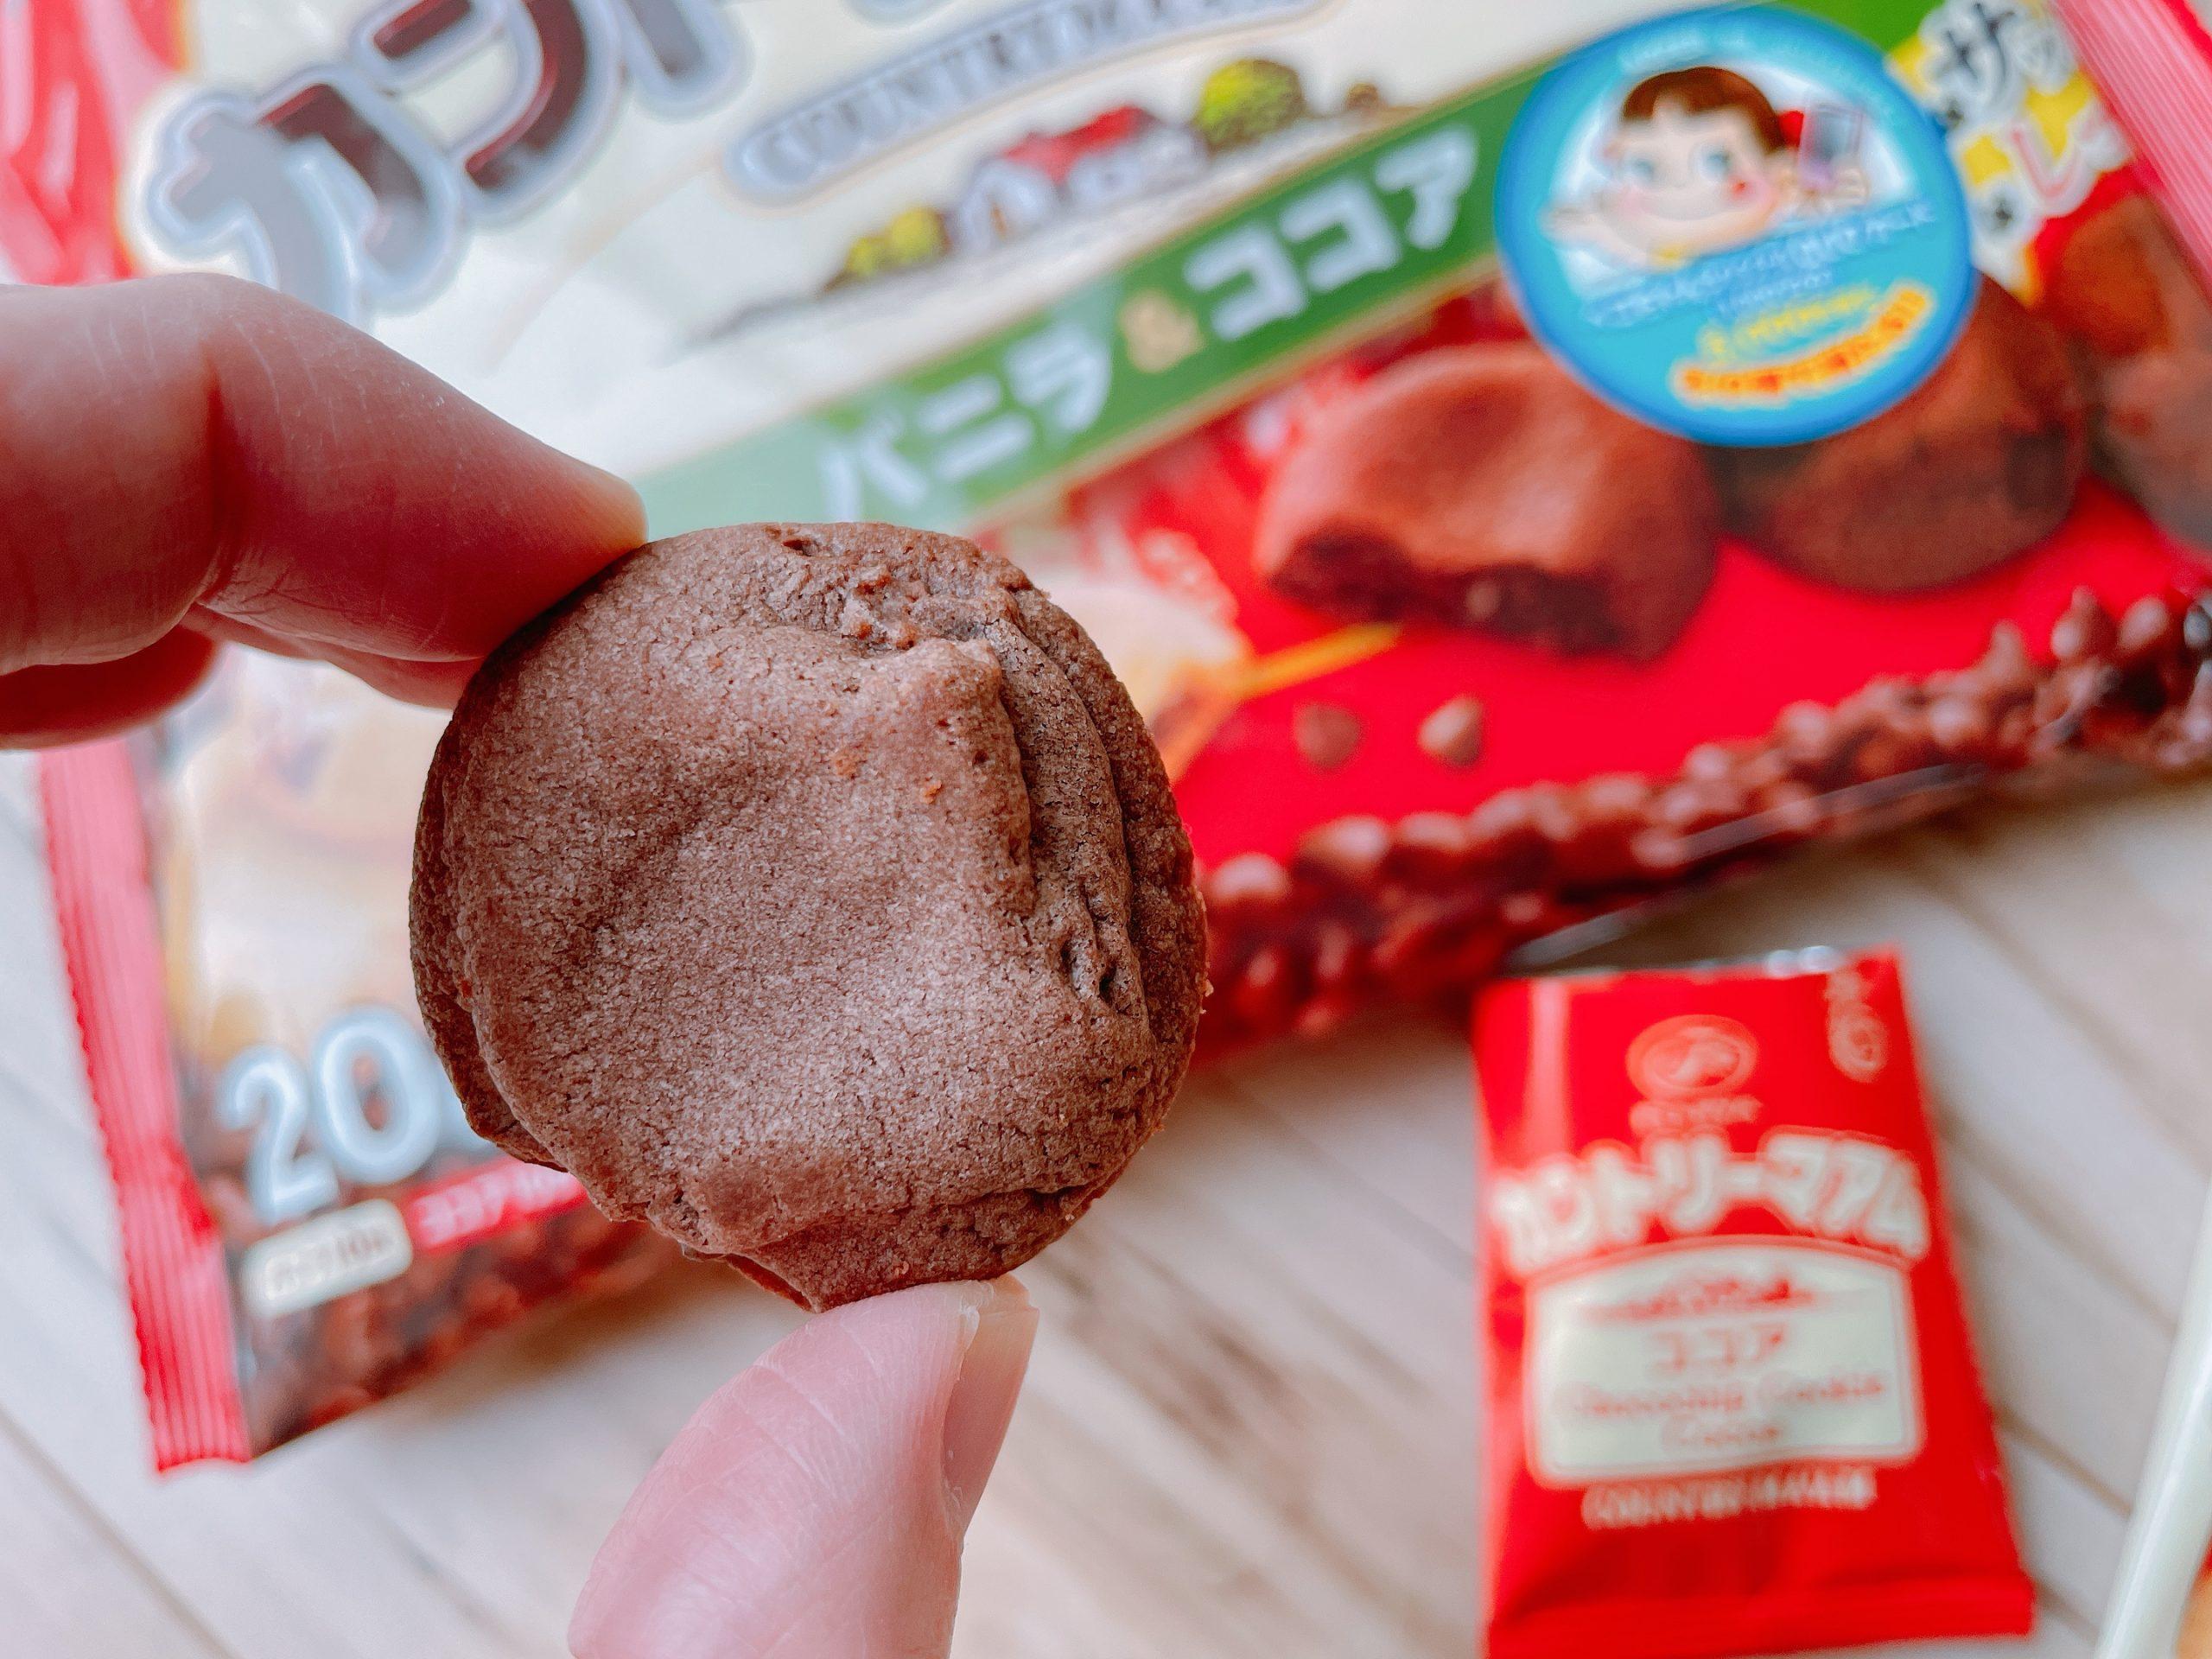 カントリーマアム(バニラ&ココア)ココアは味がハッキリとしている